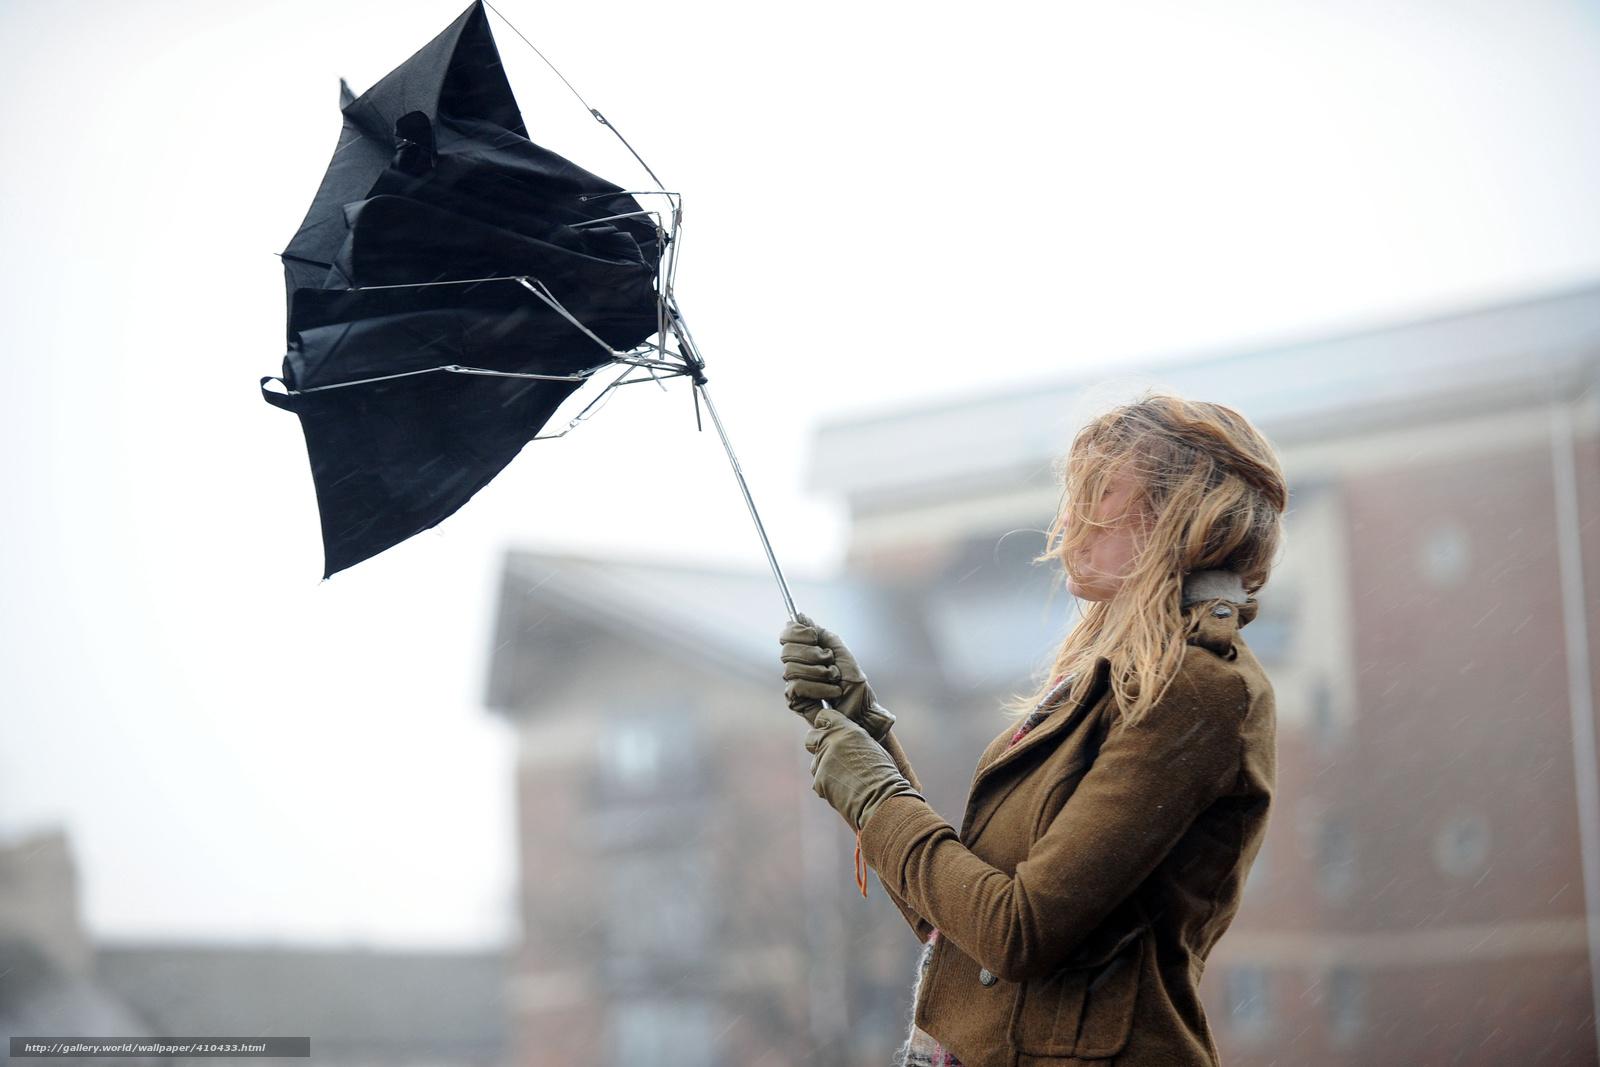 Download Hintergrund Stadt,  Mdchen,  Wind,  Regenschirm Freie desktop Tapeten in der Auflosung 4104x2736 — bild №410433